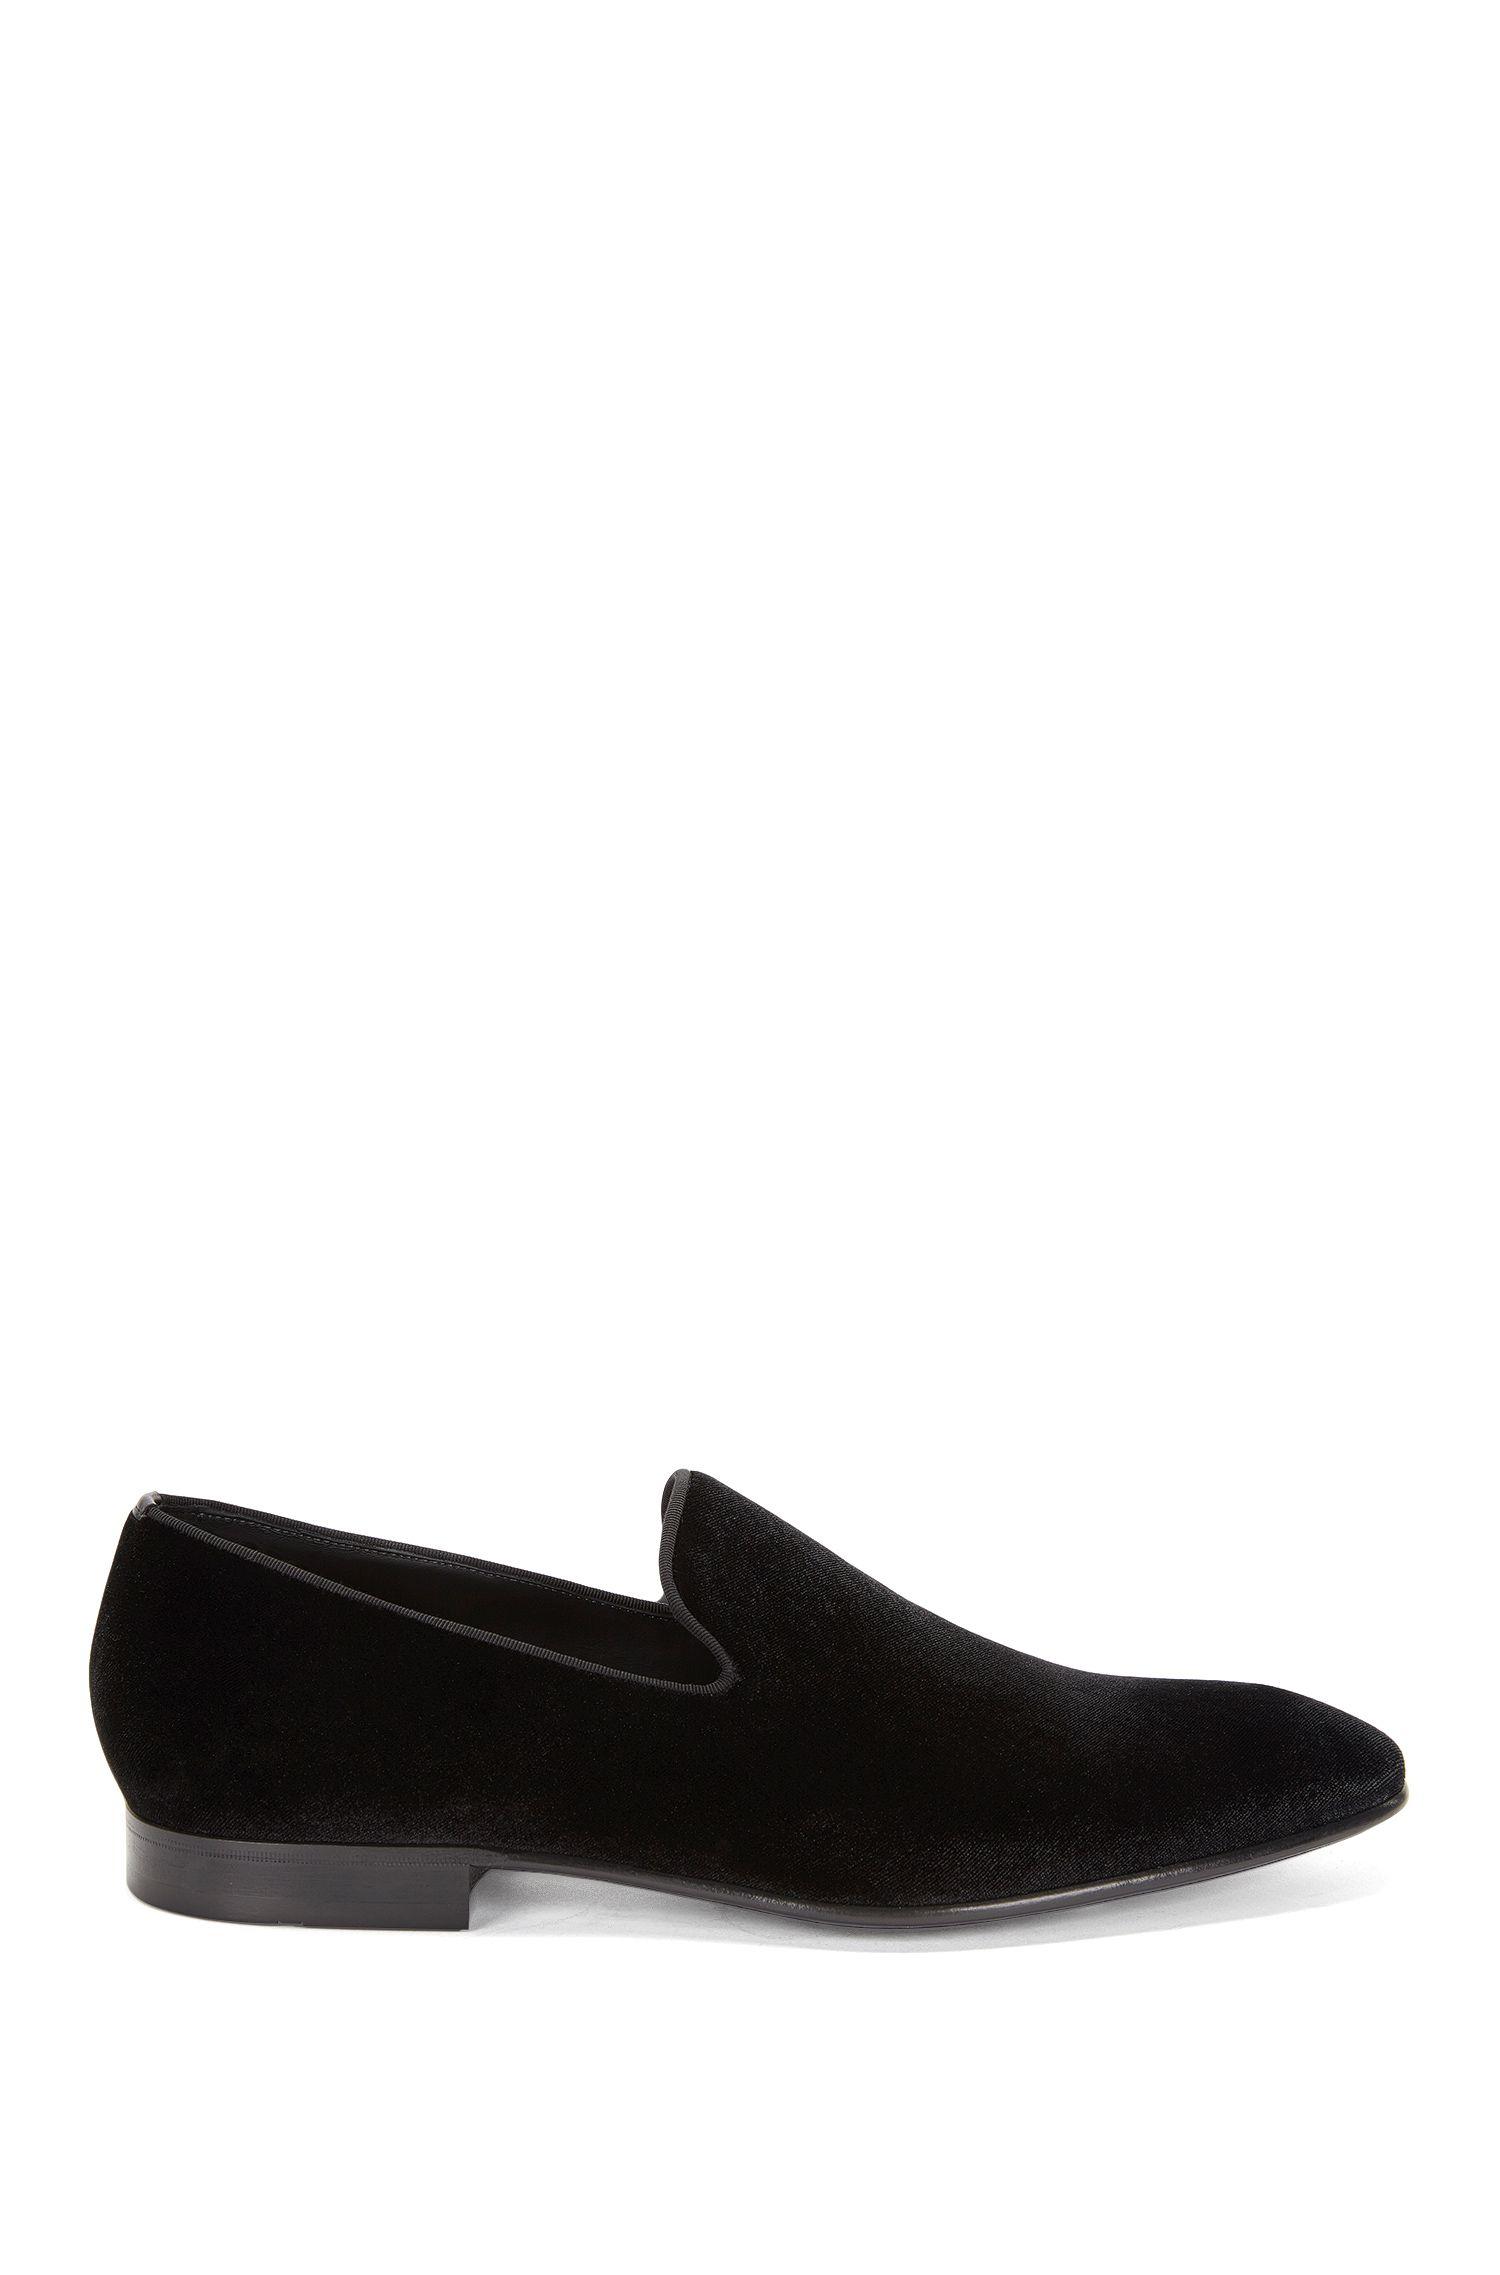 'Evening Loaf Vlt'   Cotton Blend Velvet Dress Loafers